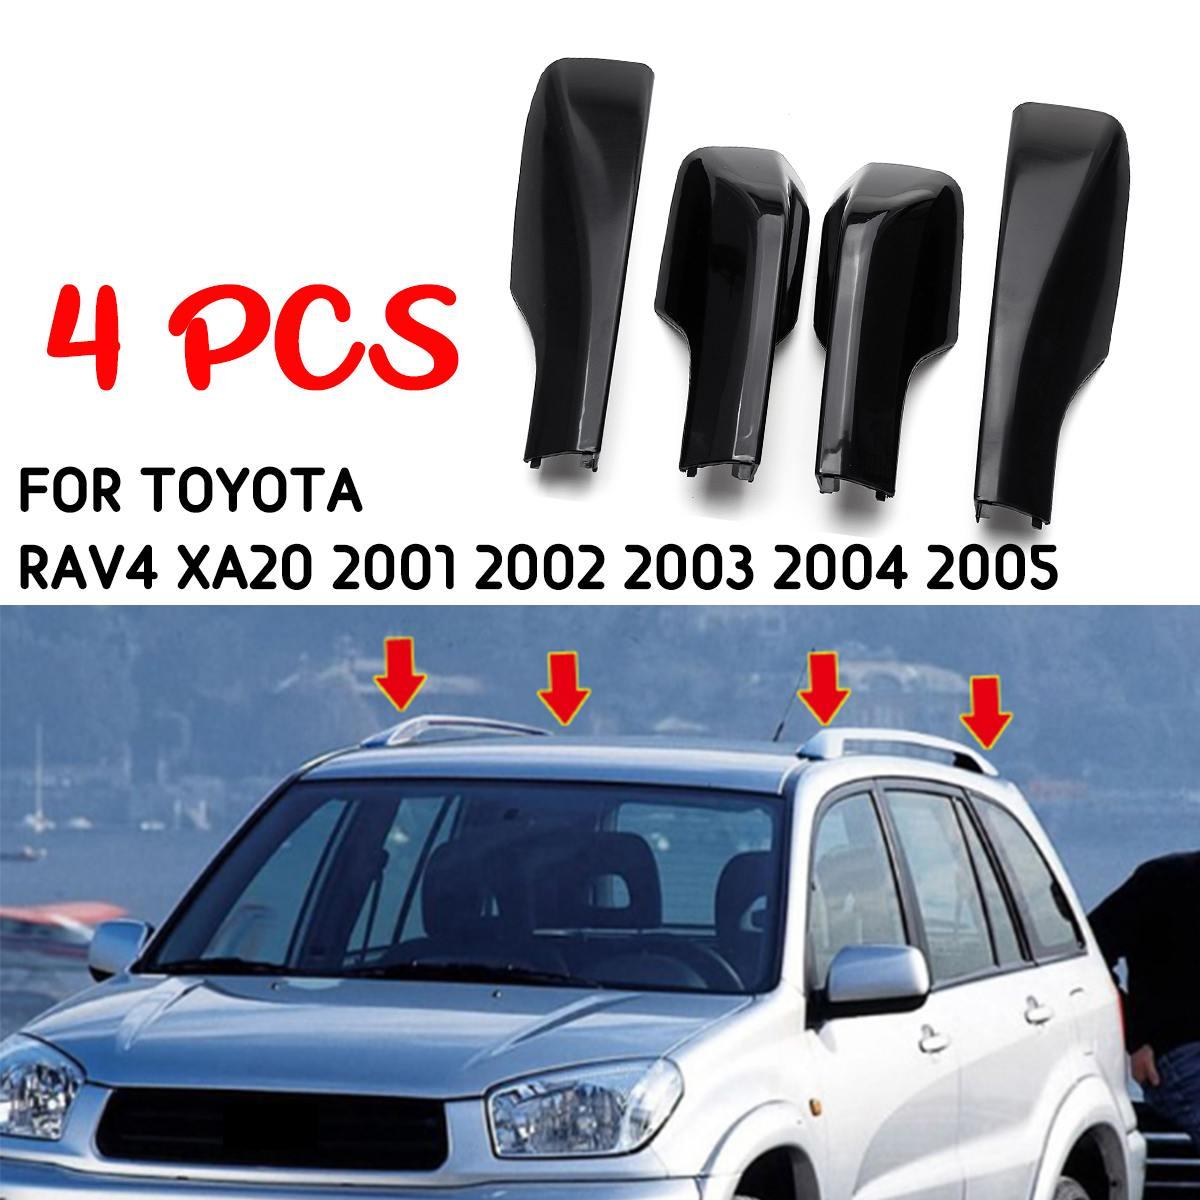 4 pièces De Rechange Pour Toyota RAV4 XA20 2001 2002 2003 2004 2005 Noir Voiture Toit Couverture Barre Rail Fin Accessoires de Coquille